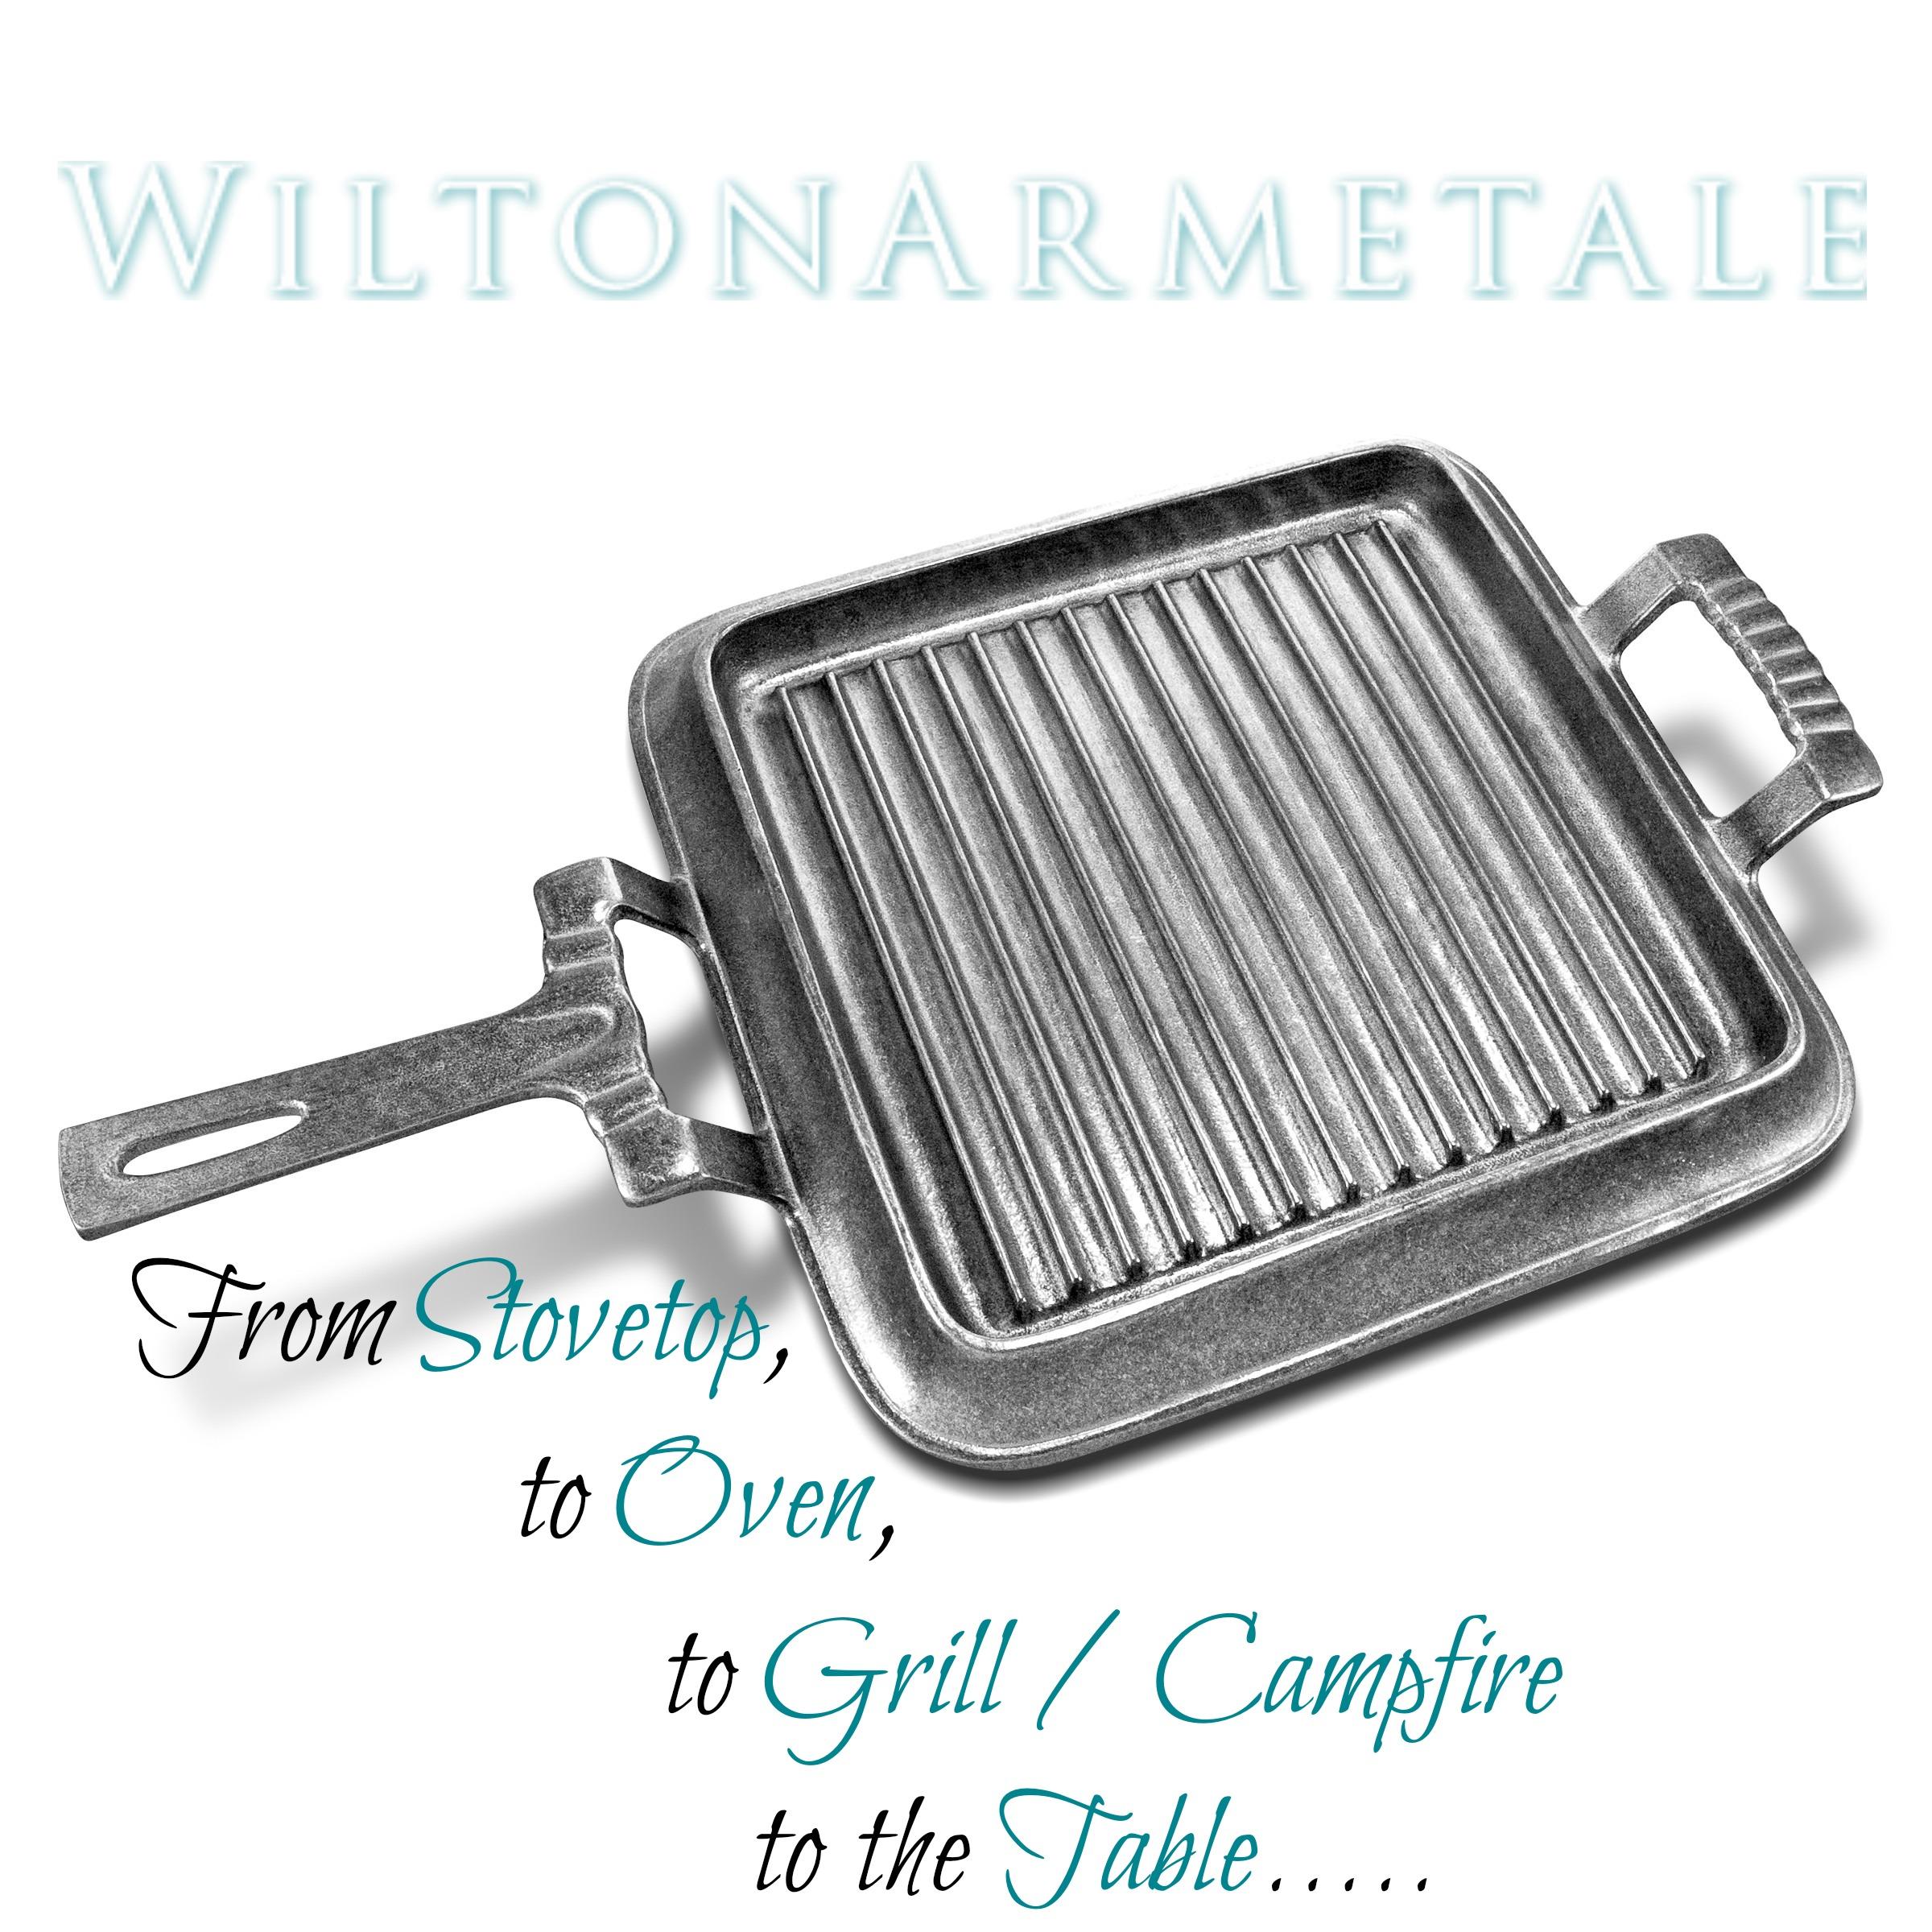 Wilton Armetale, Grillware, Square Grillware